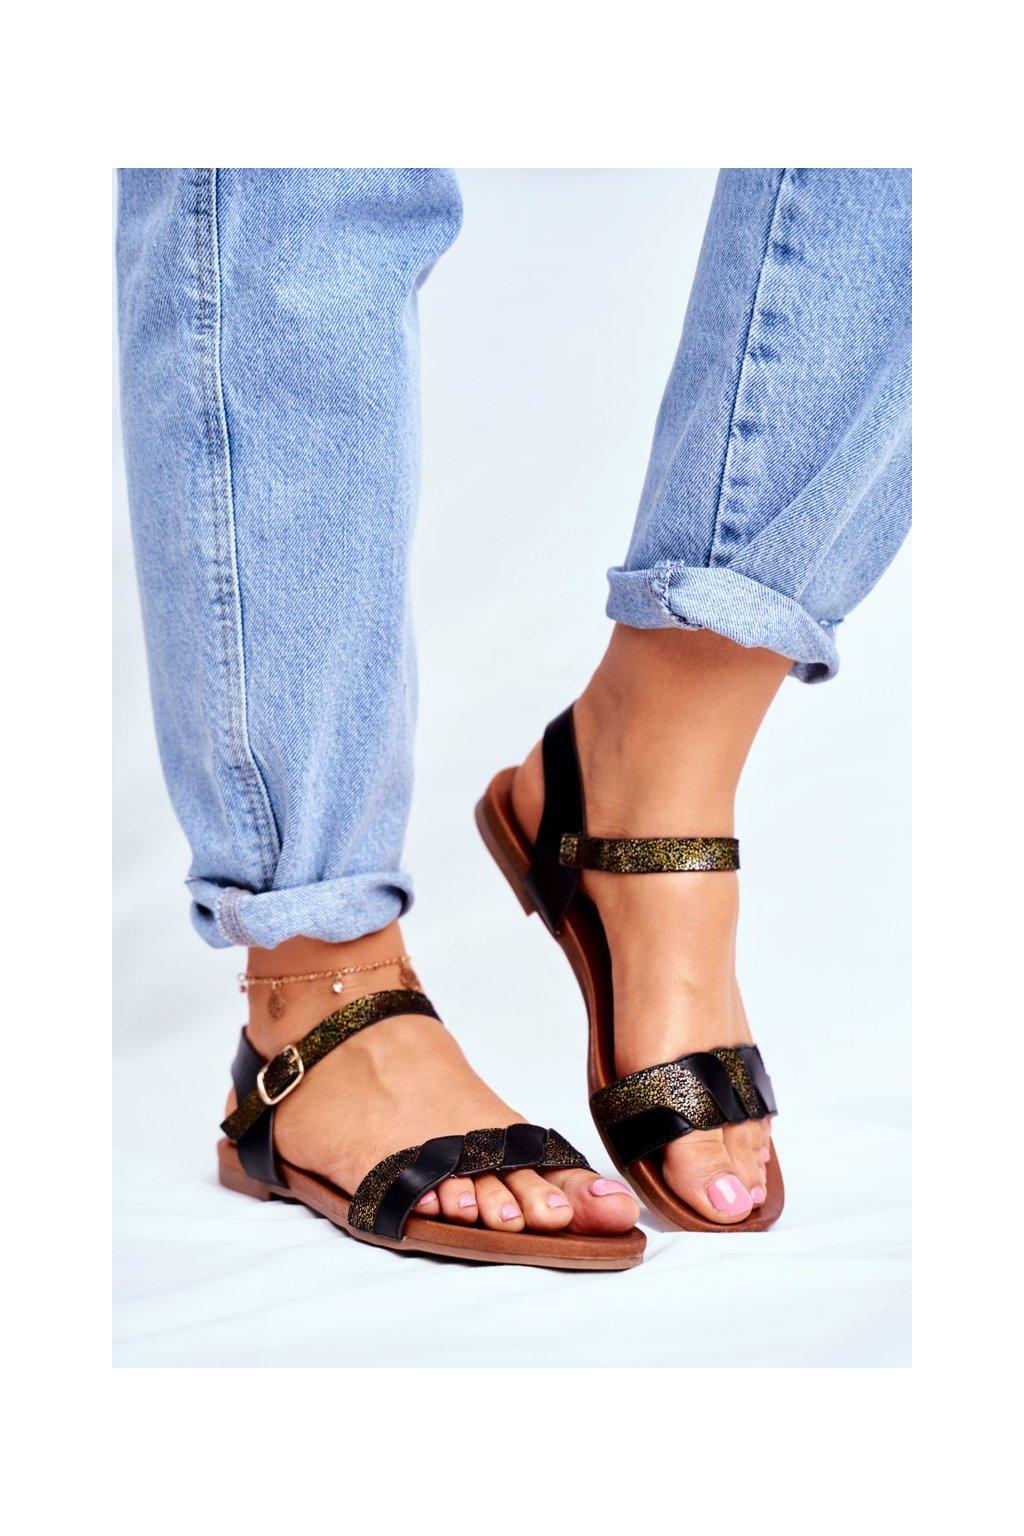 Dámske Sandále ploché čierne Summer Vibes NJSK 541-144